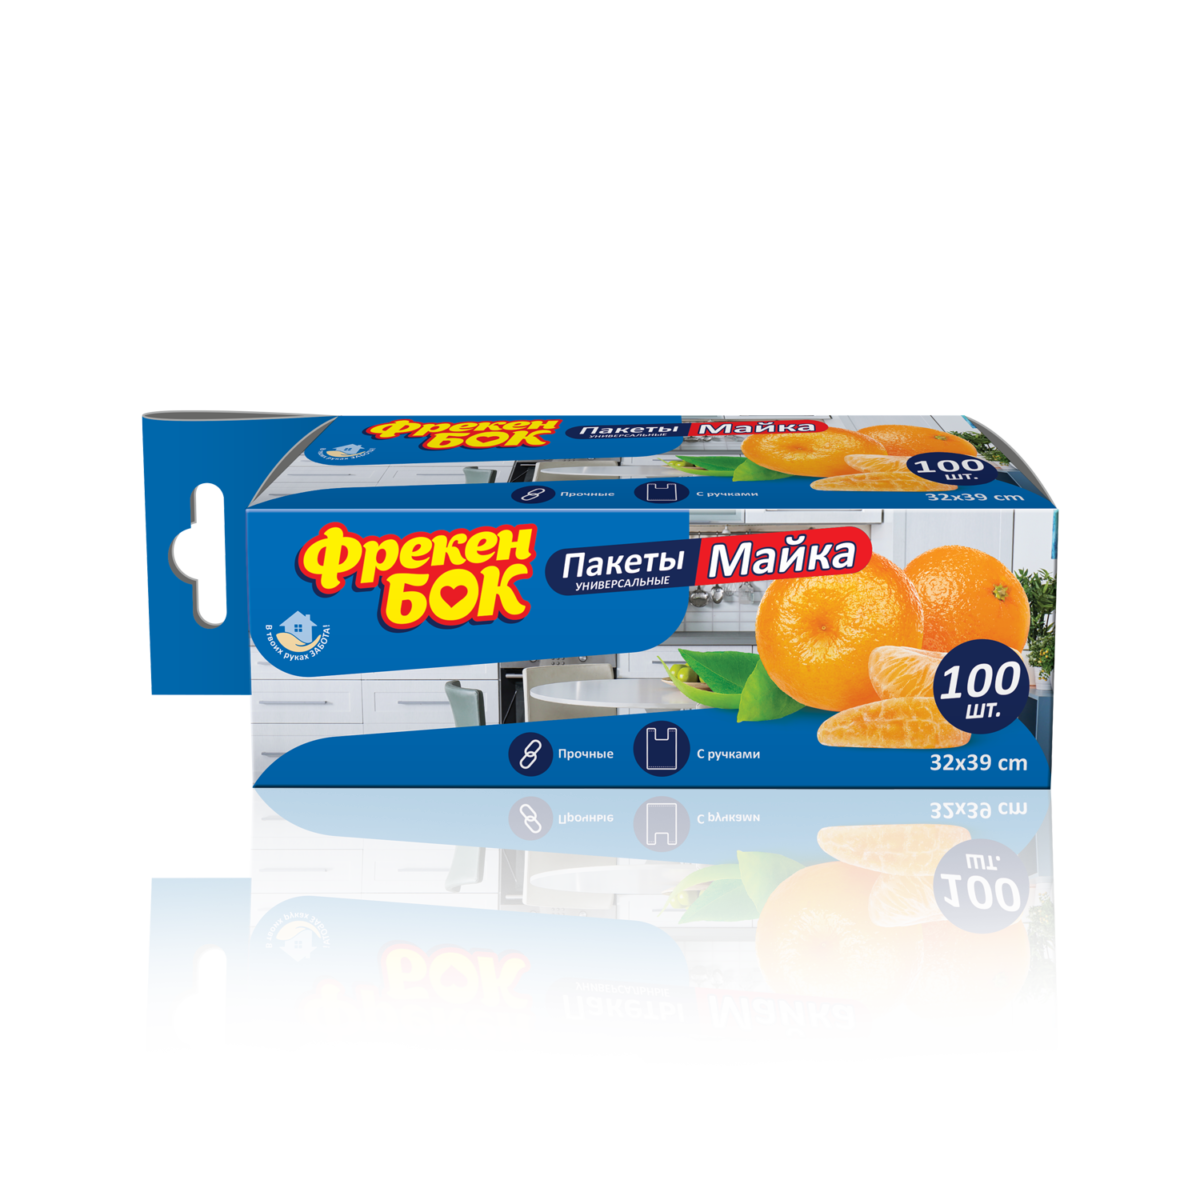 Фрекен БОК Пакети для зберігання з ручками М, 100 шт.- Фото - Biosphere